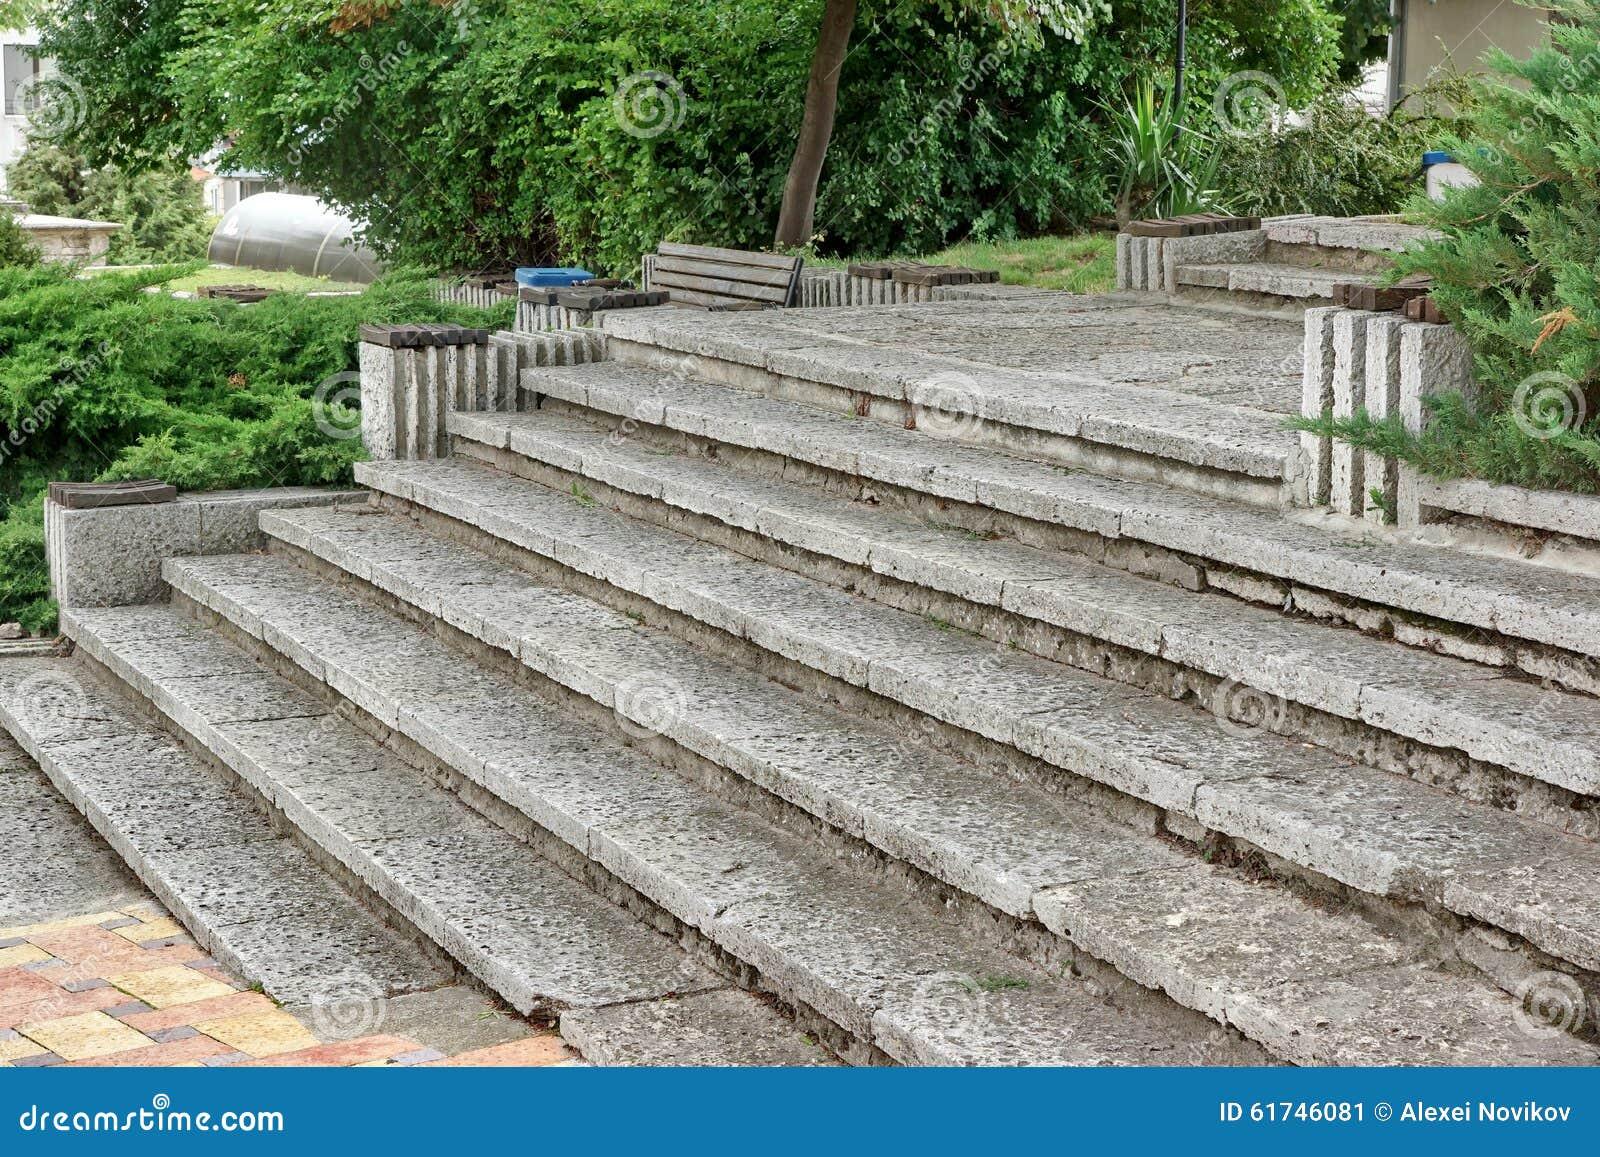 Vieil escalier en pierre ext rieur blanc photo stock for Escalier droit exterieur